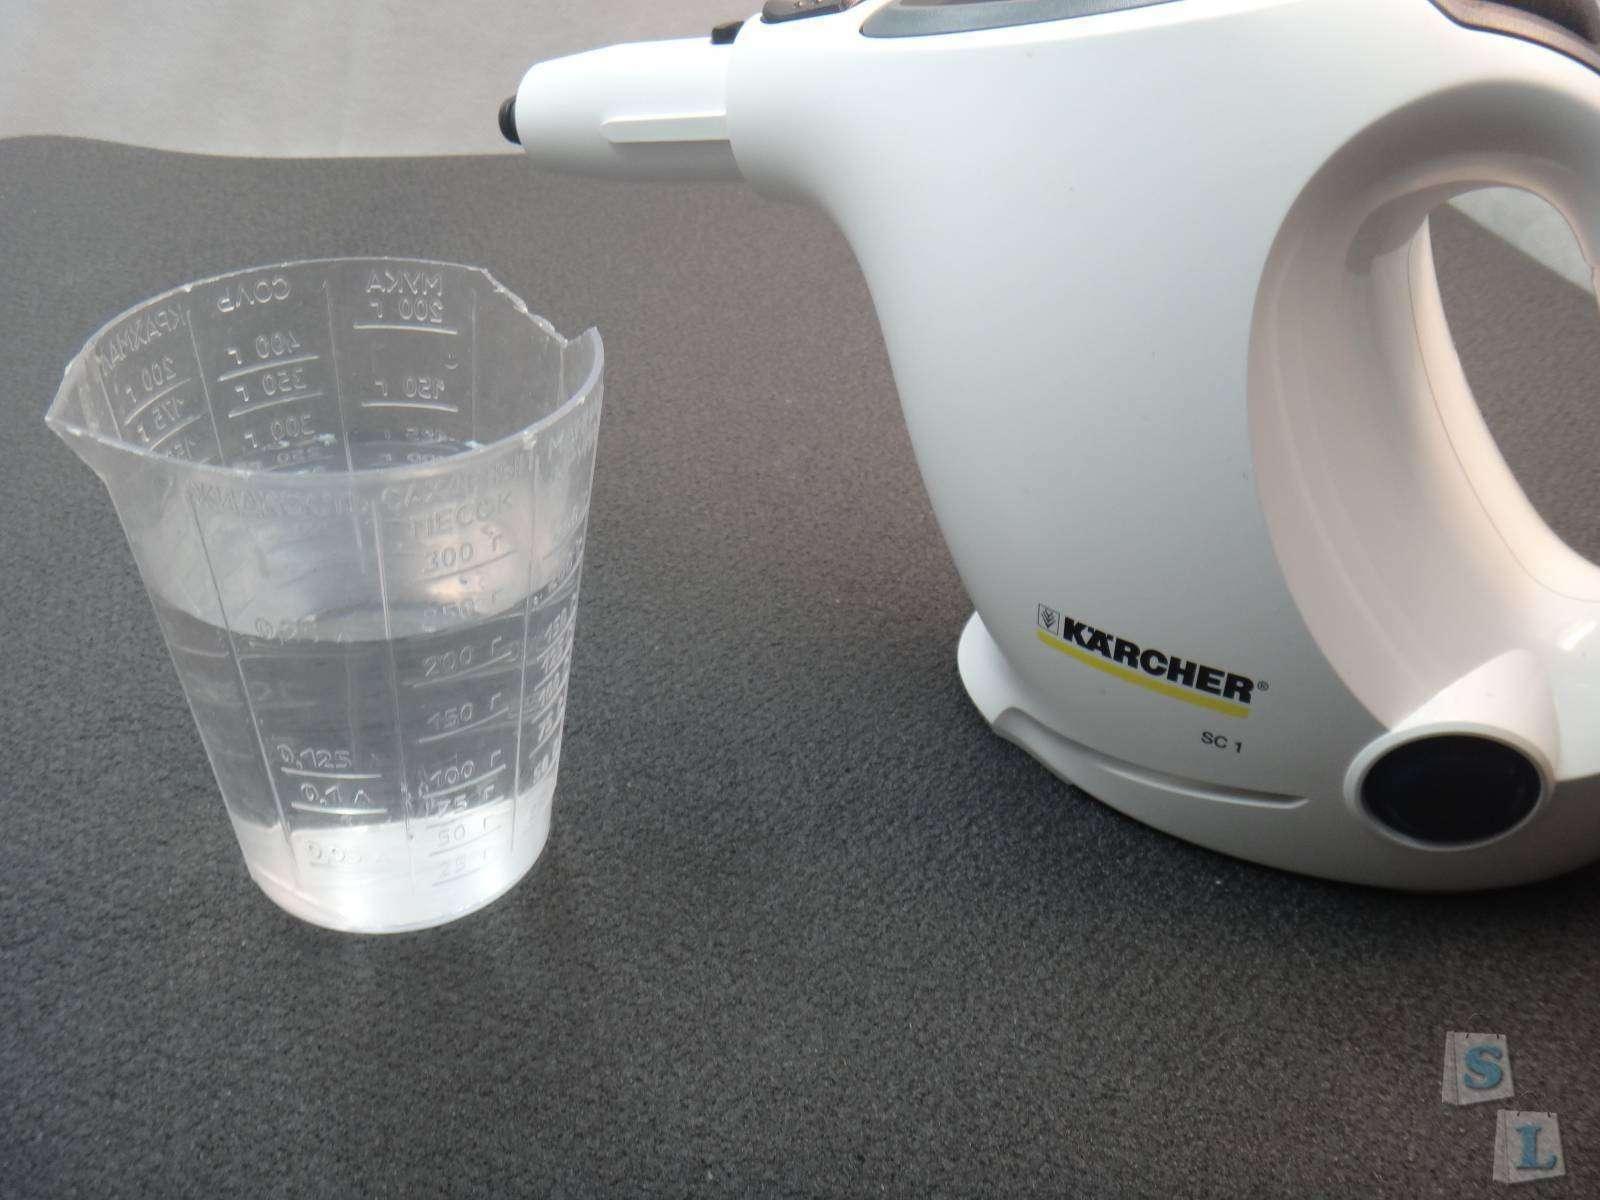 Розетка: Обзор пароочистителя KARCHER SC 1 Premium тесты и как отмыть грязь за несколько секунд